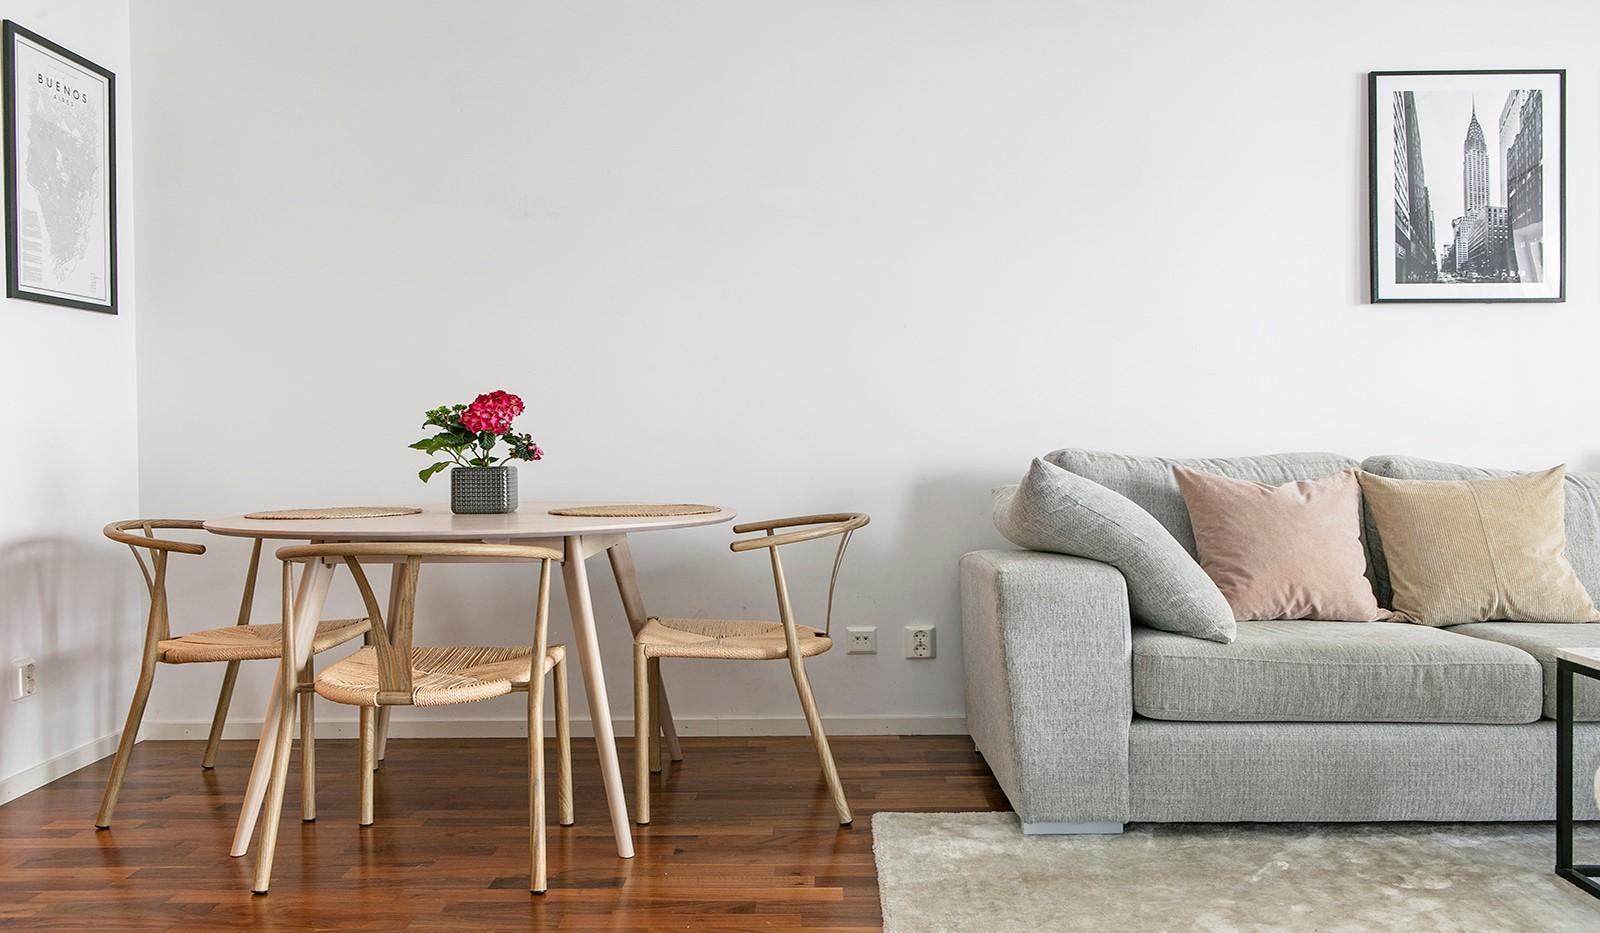 Sjöviksvägen 114, 3 tr - Dessutom finns plats för matbord och stolar